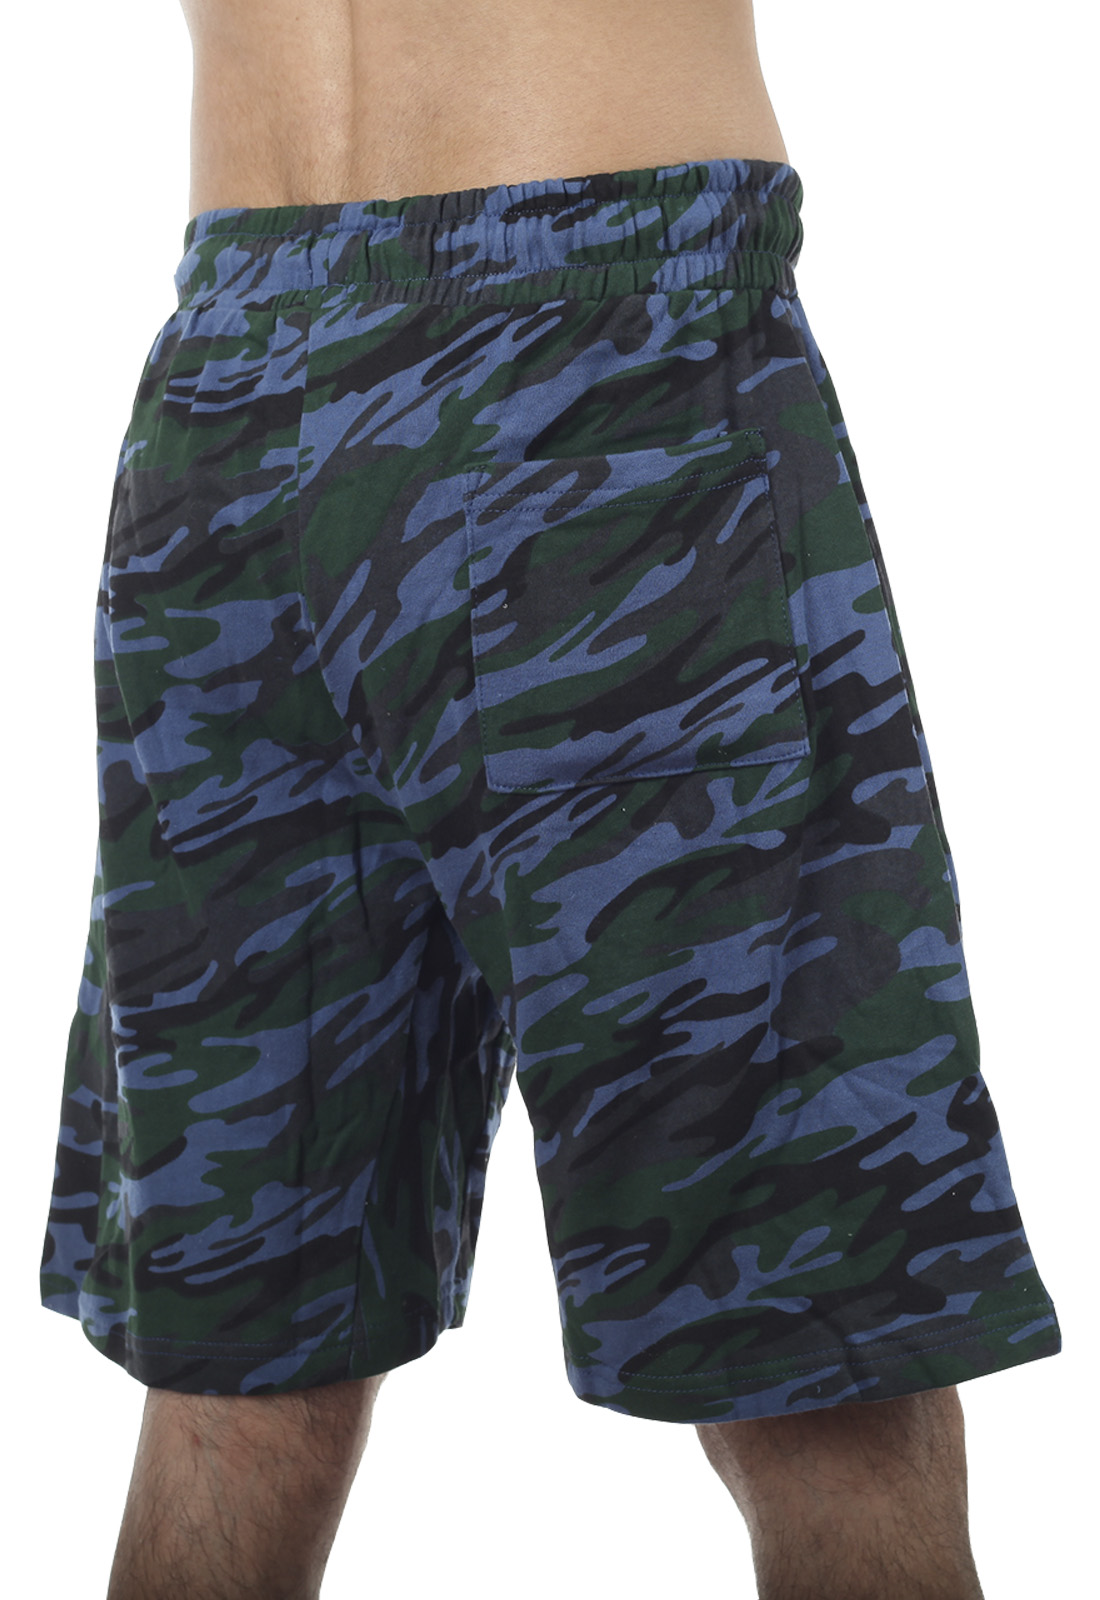 Купить в военторге Военпро камуфляжные спецназовские шорты – опт и розница